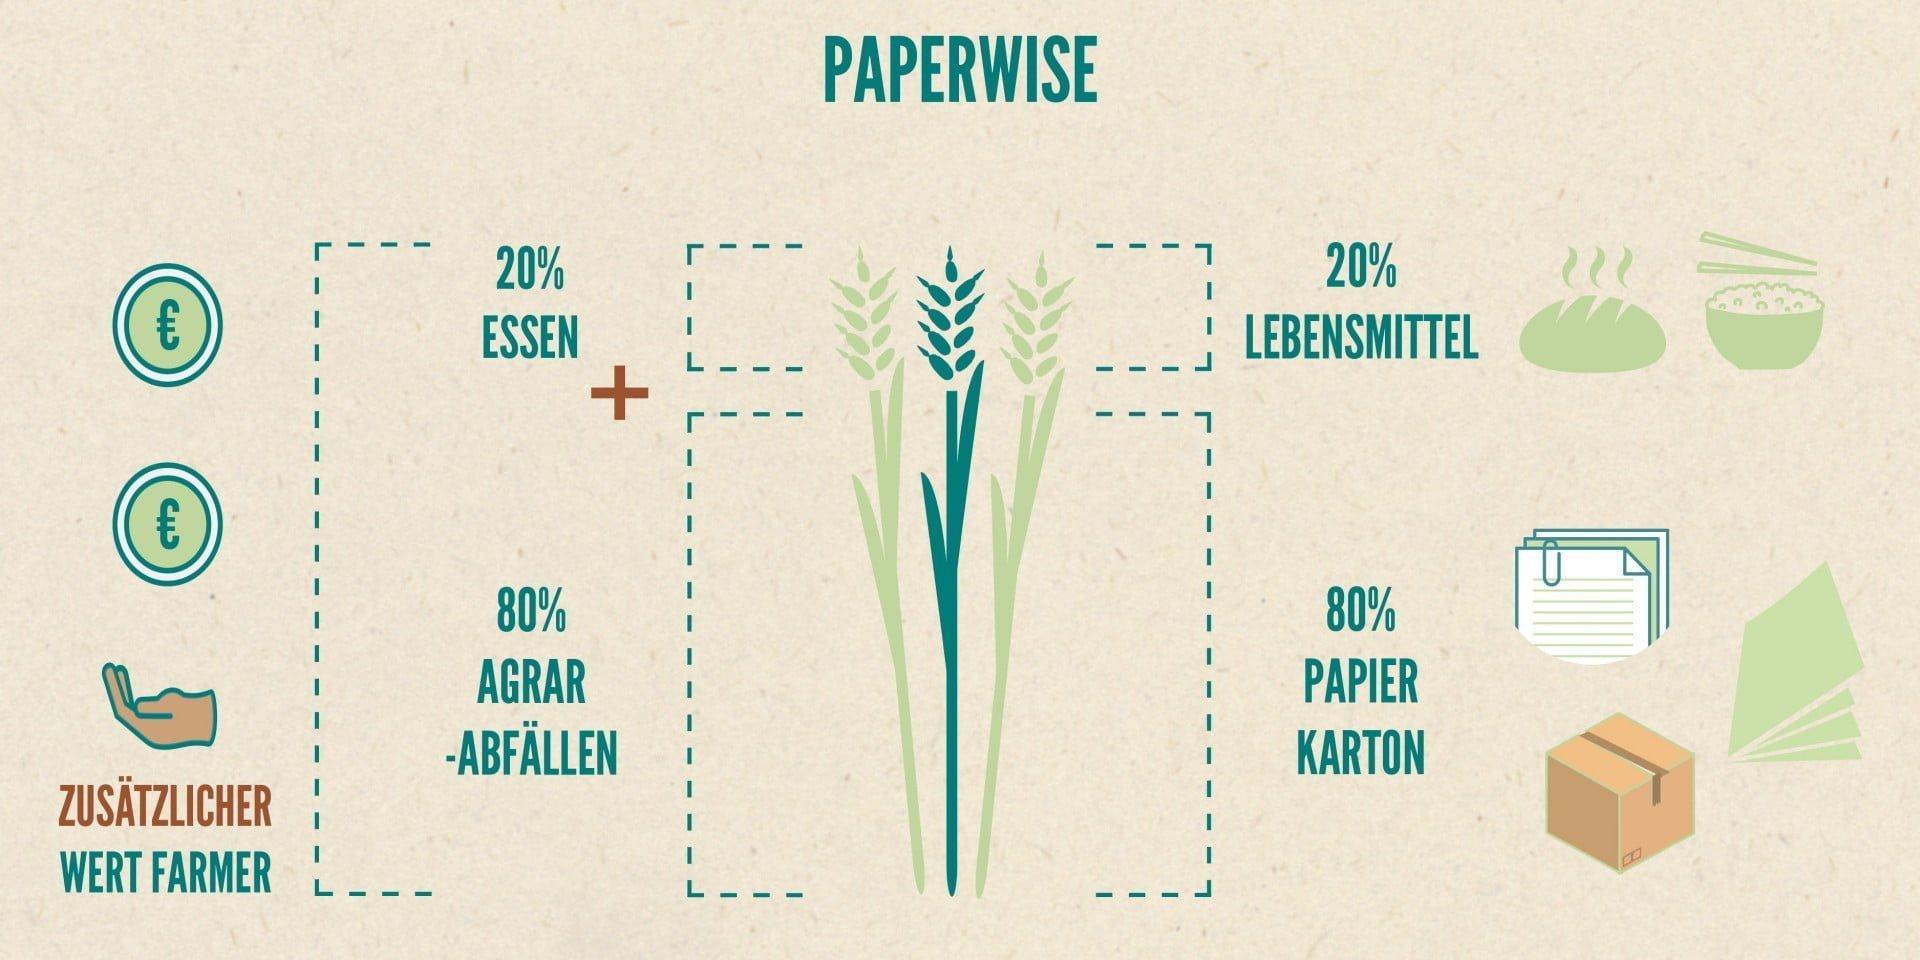 PaperWise Vision & Mission Nachhaltiges Papier und Karton aus Agrarabfallen